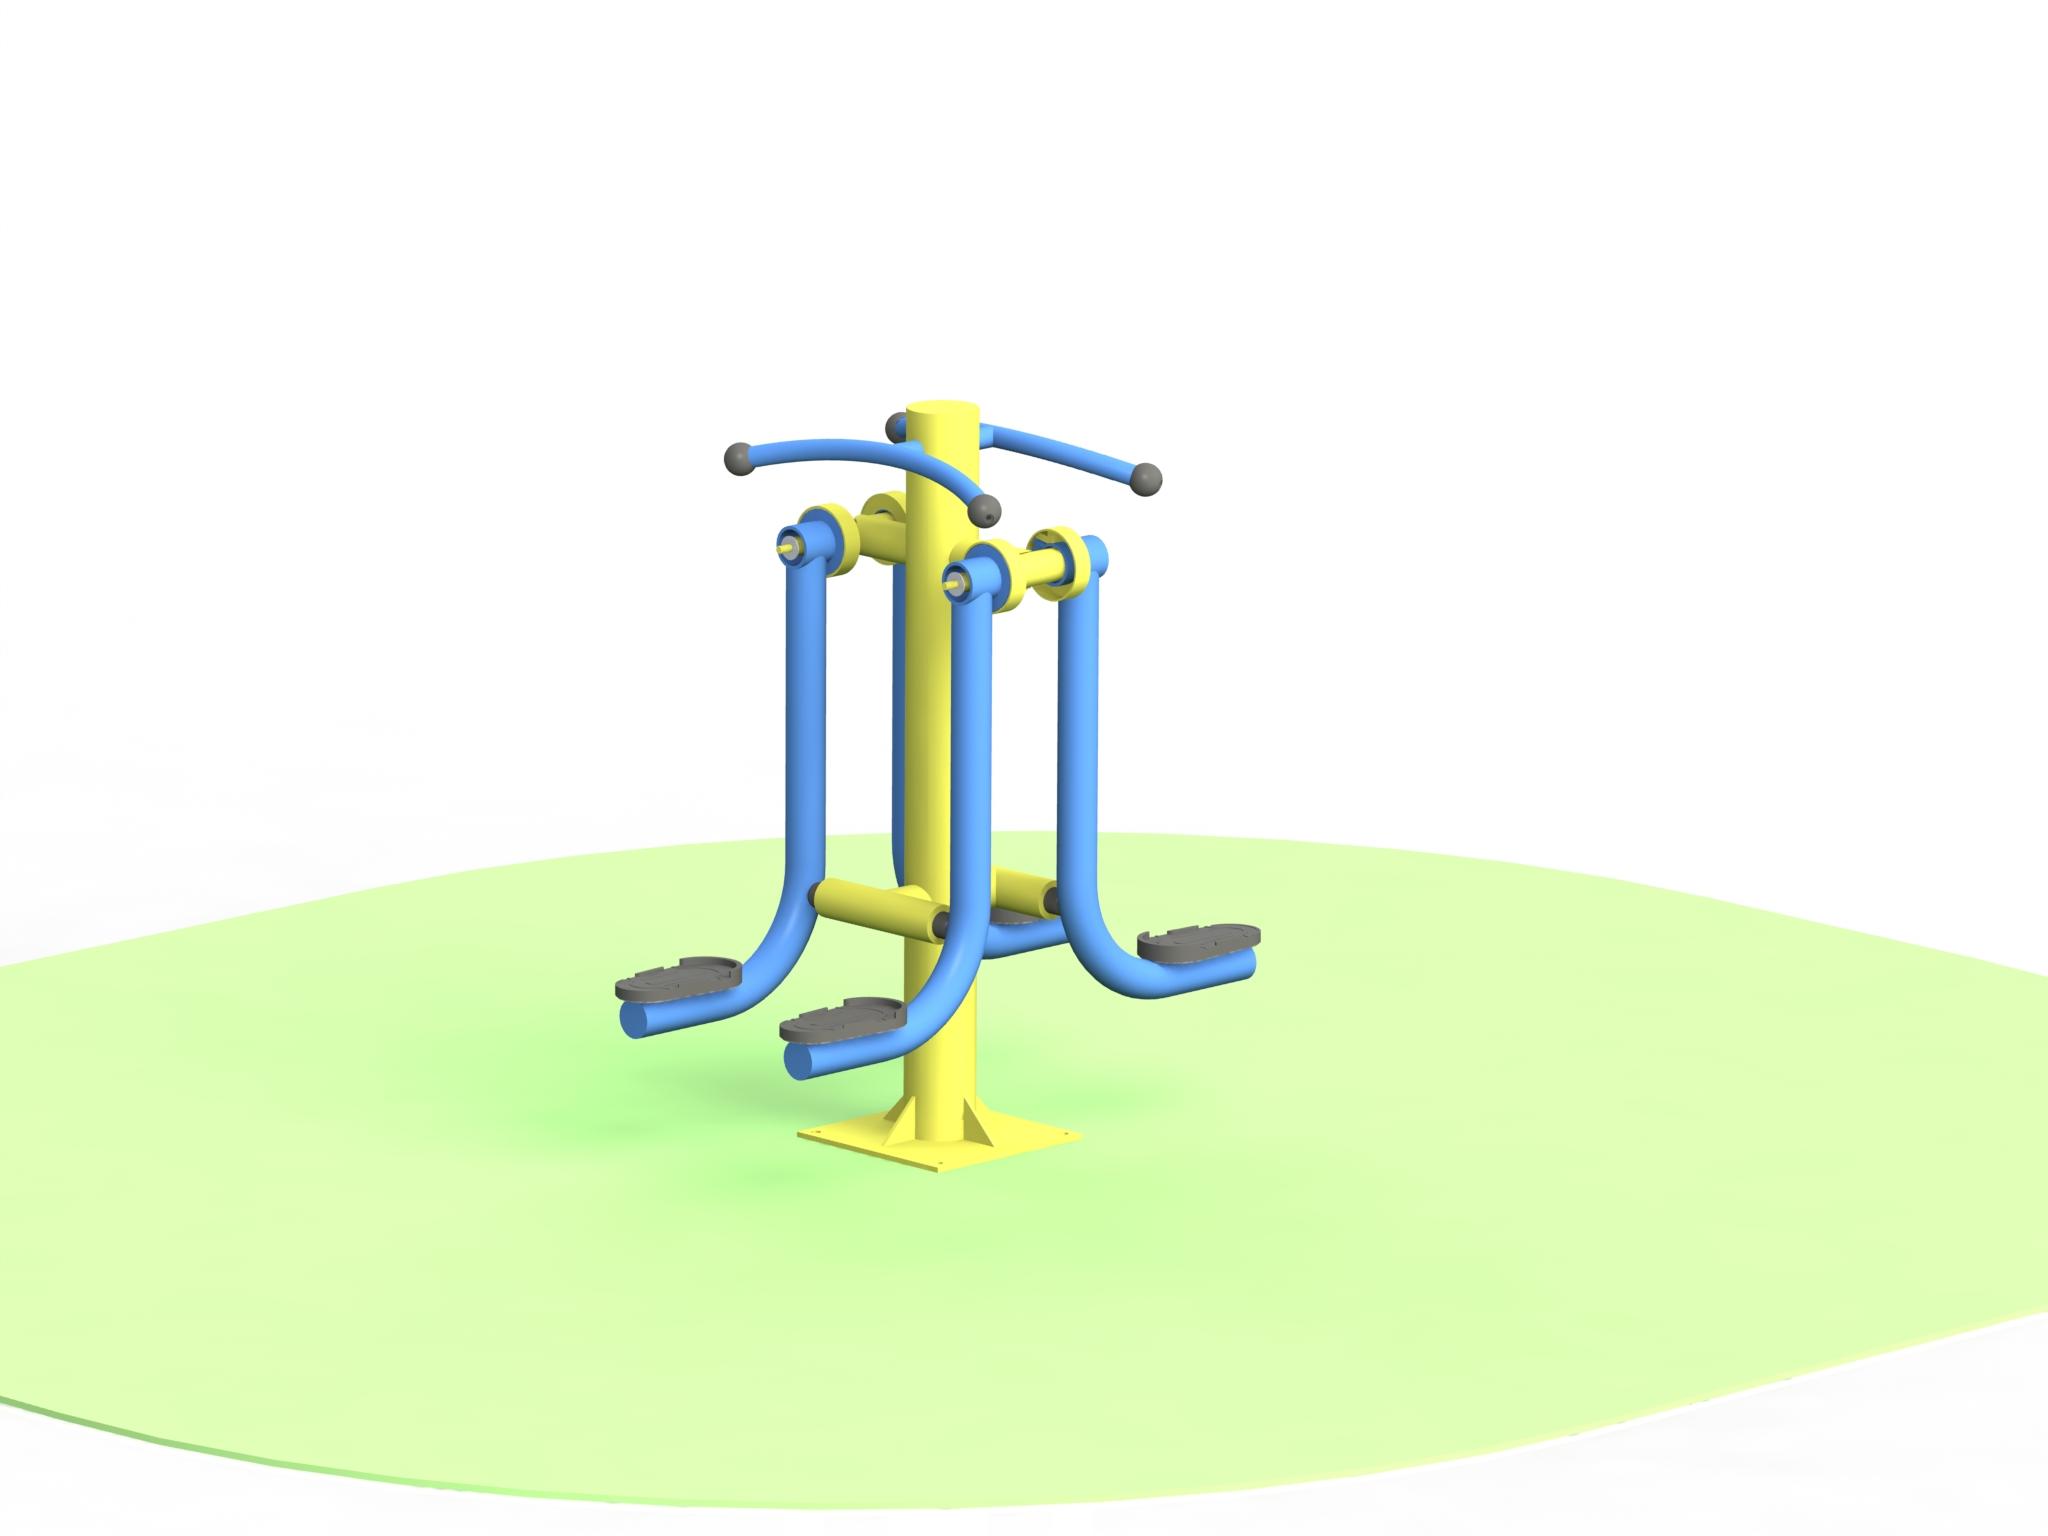 Снимка на продукта: Двоен тренажор за крака, модел ФМД40